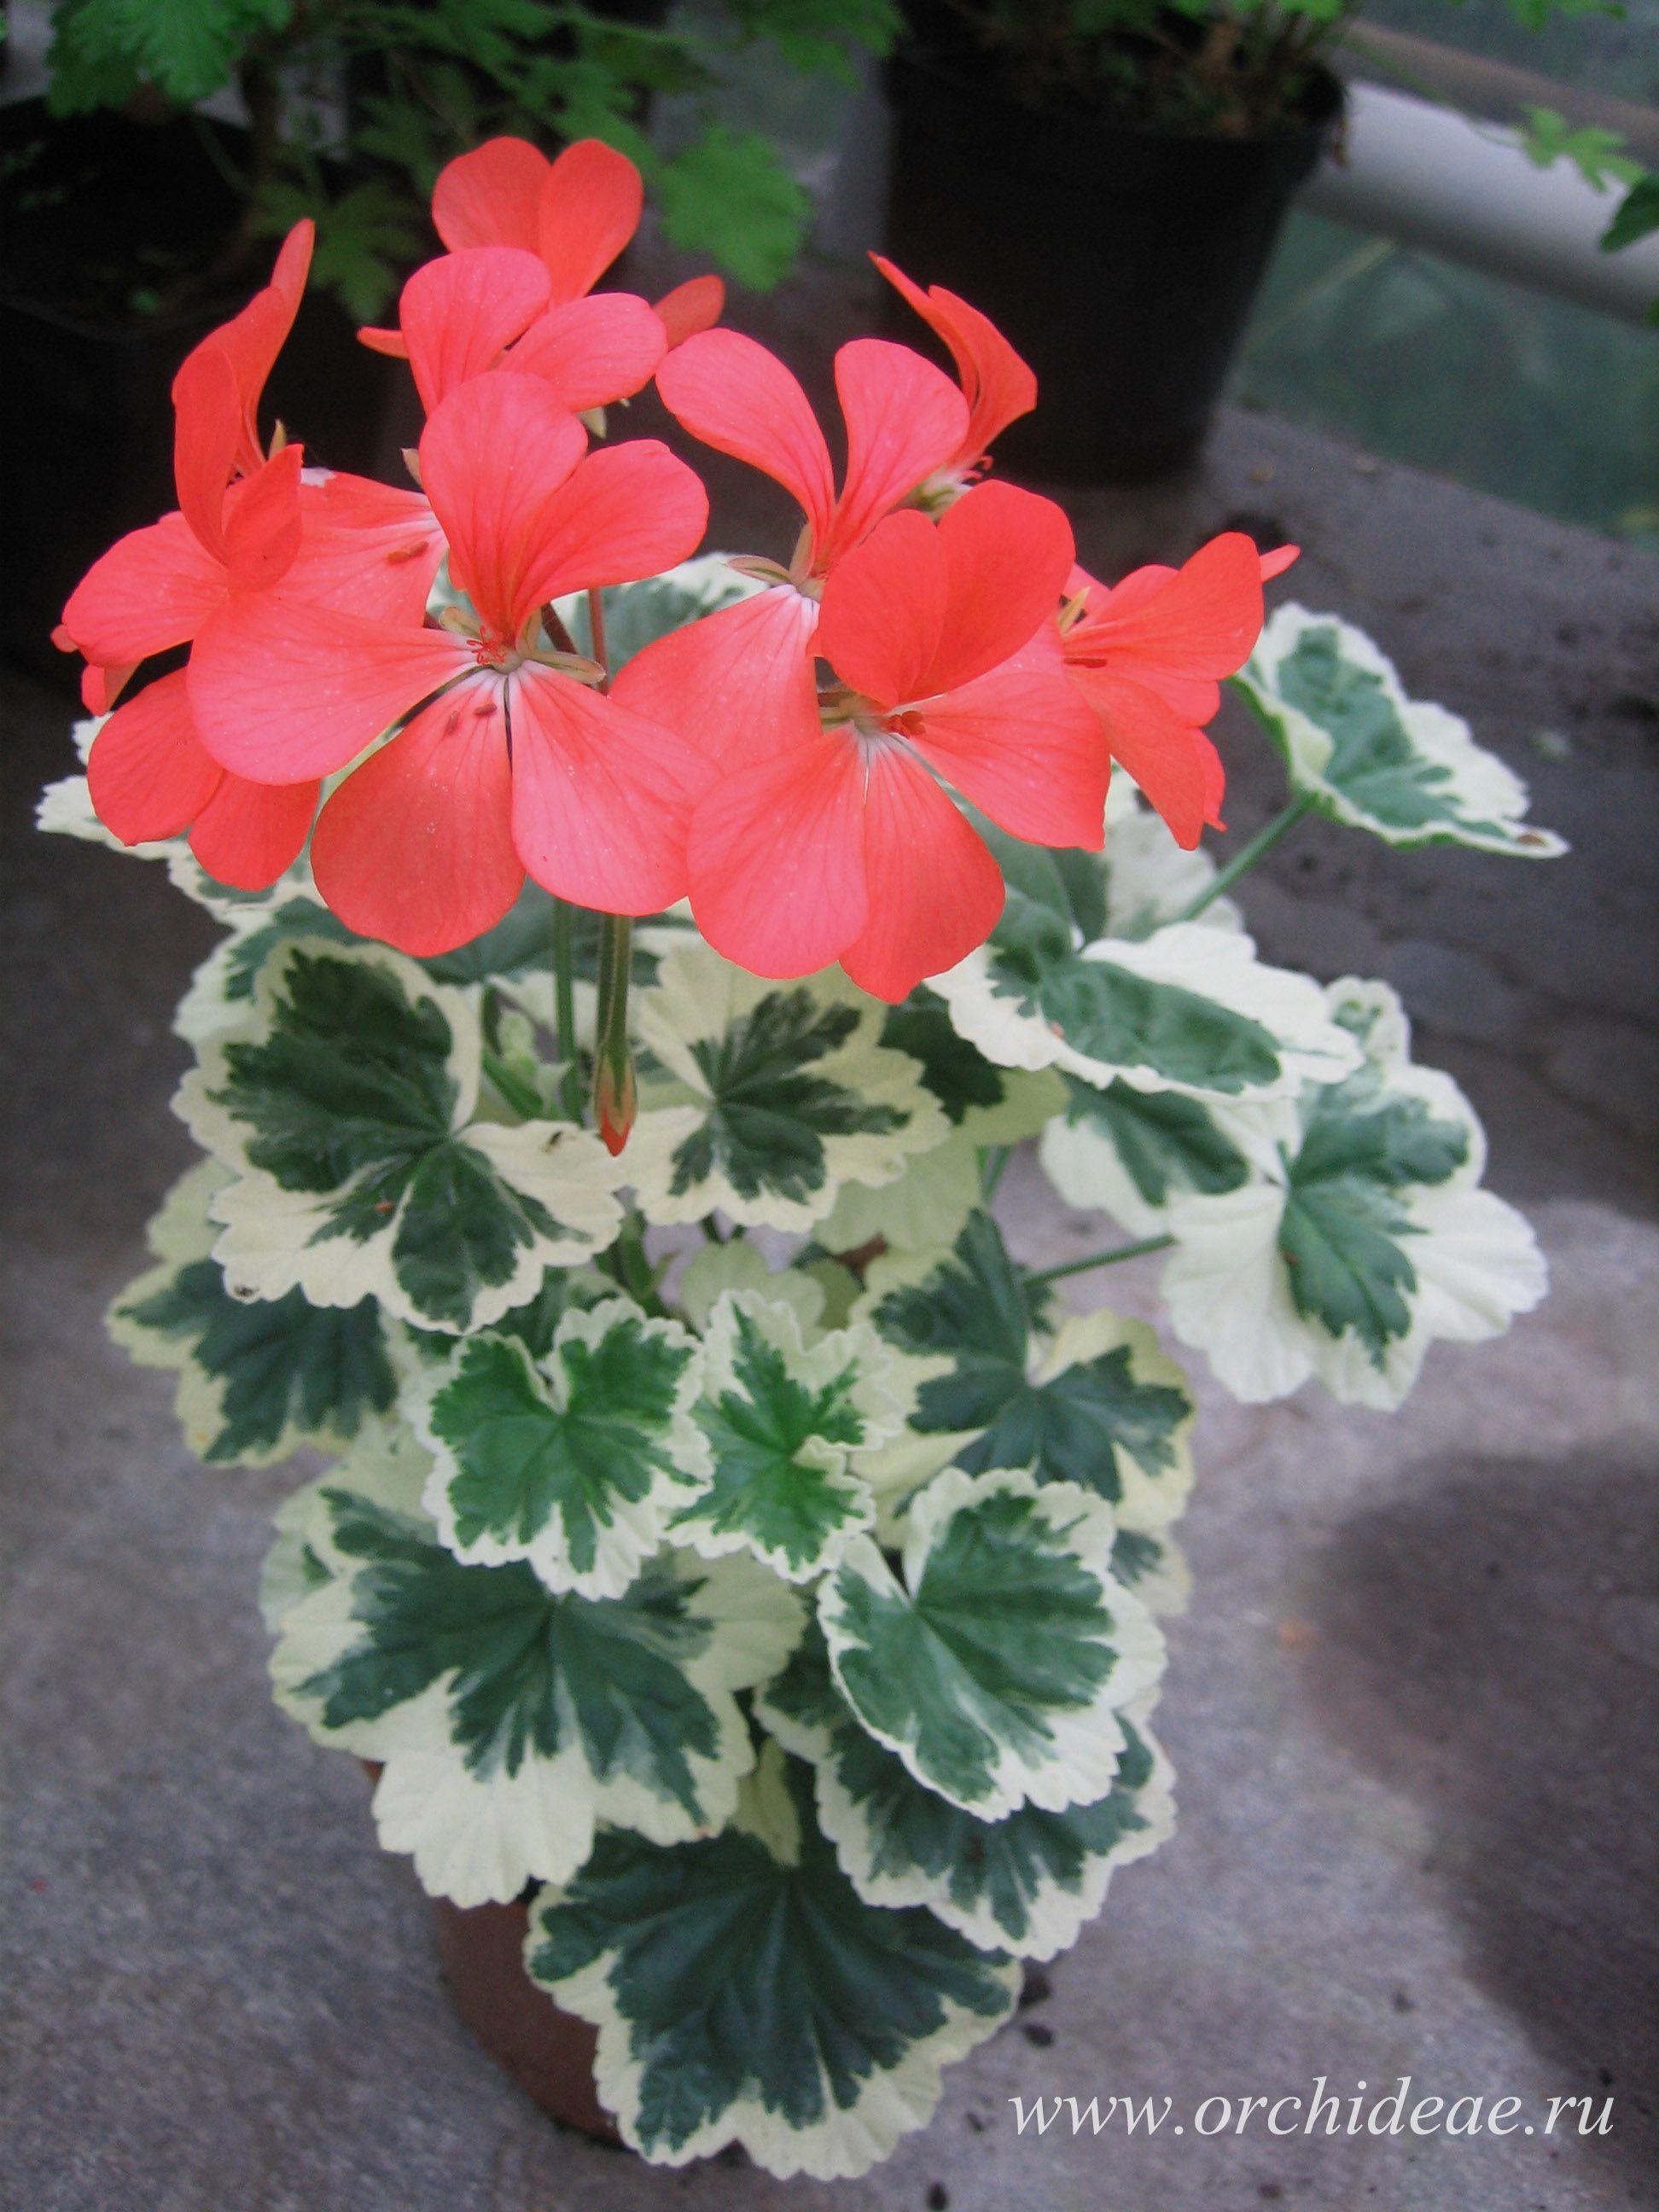 объявлений свежие герань с красными листьями фото и название фотографиях